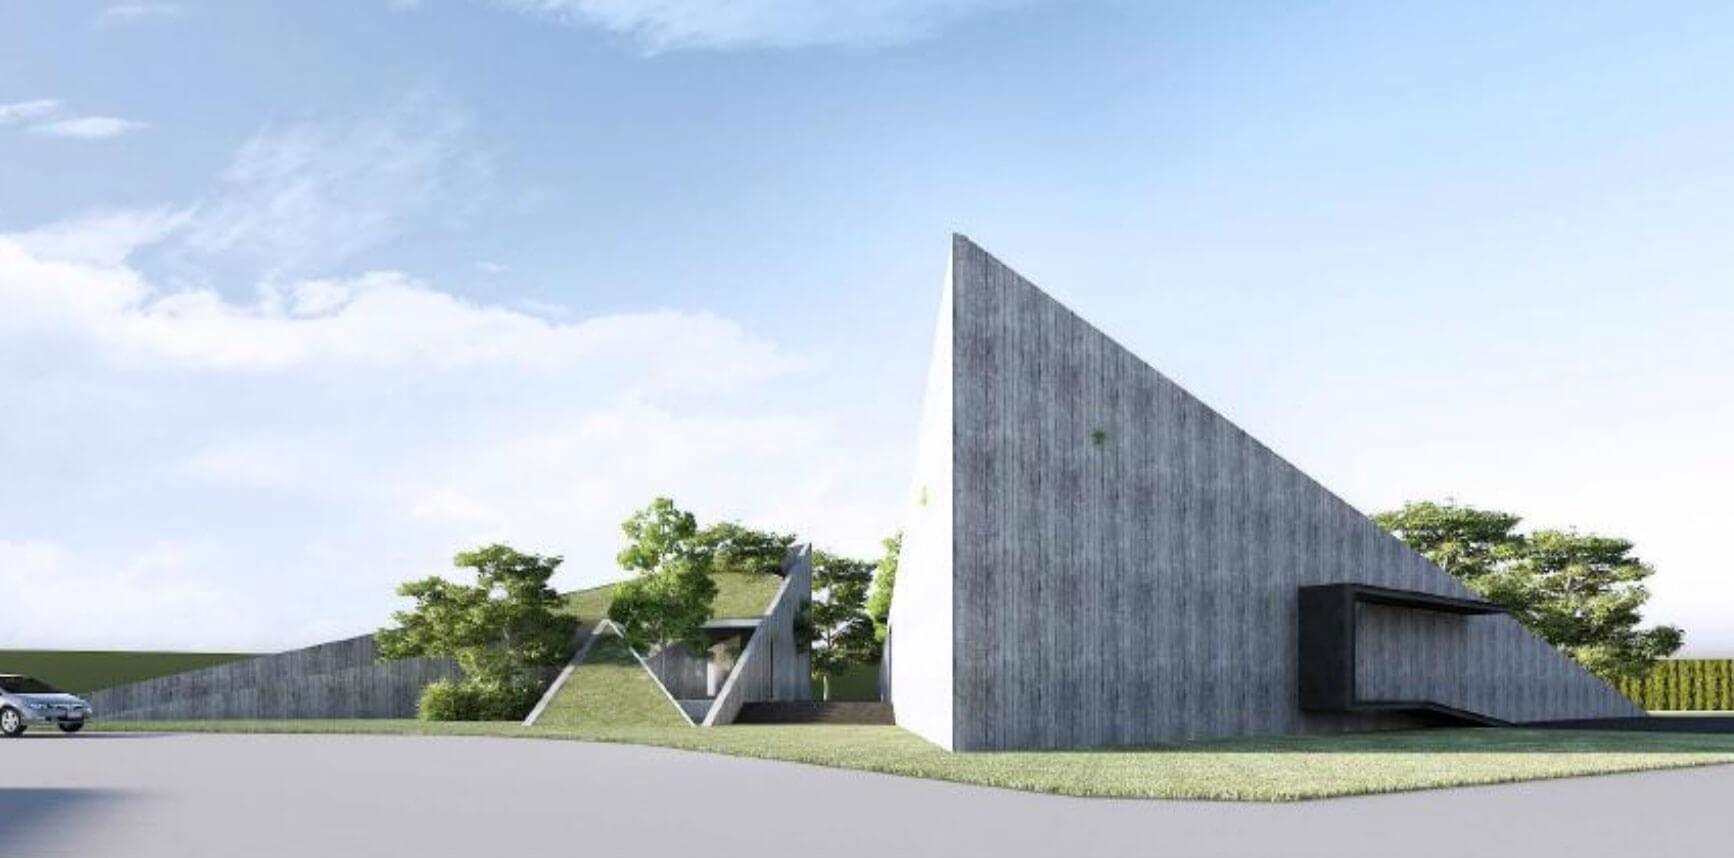 %name บางกอก บูเลอวาร์ด สาทร ปิ่นเกล้า 2 ชมบ้านหรูใจกลางราชพฤกษ์ ออกแบบสไตล์ Modern Nordic จาก SC Asset